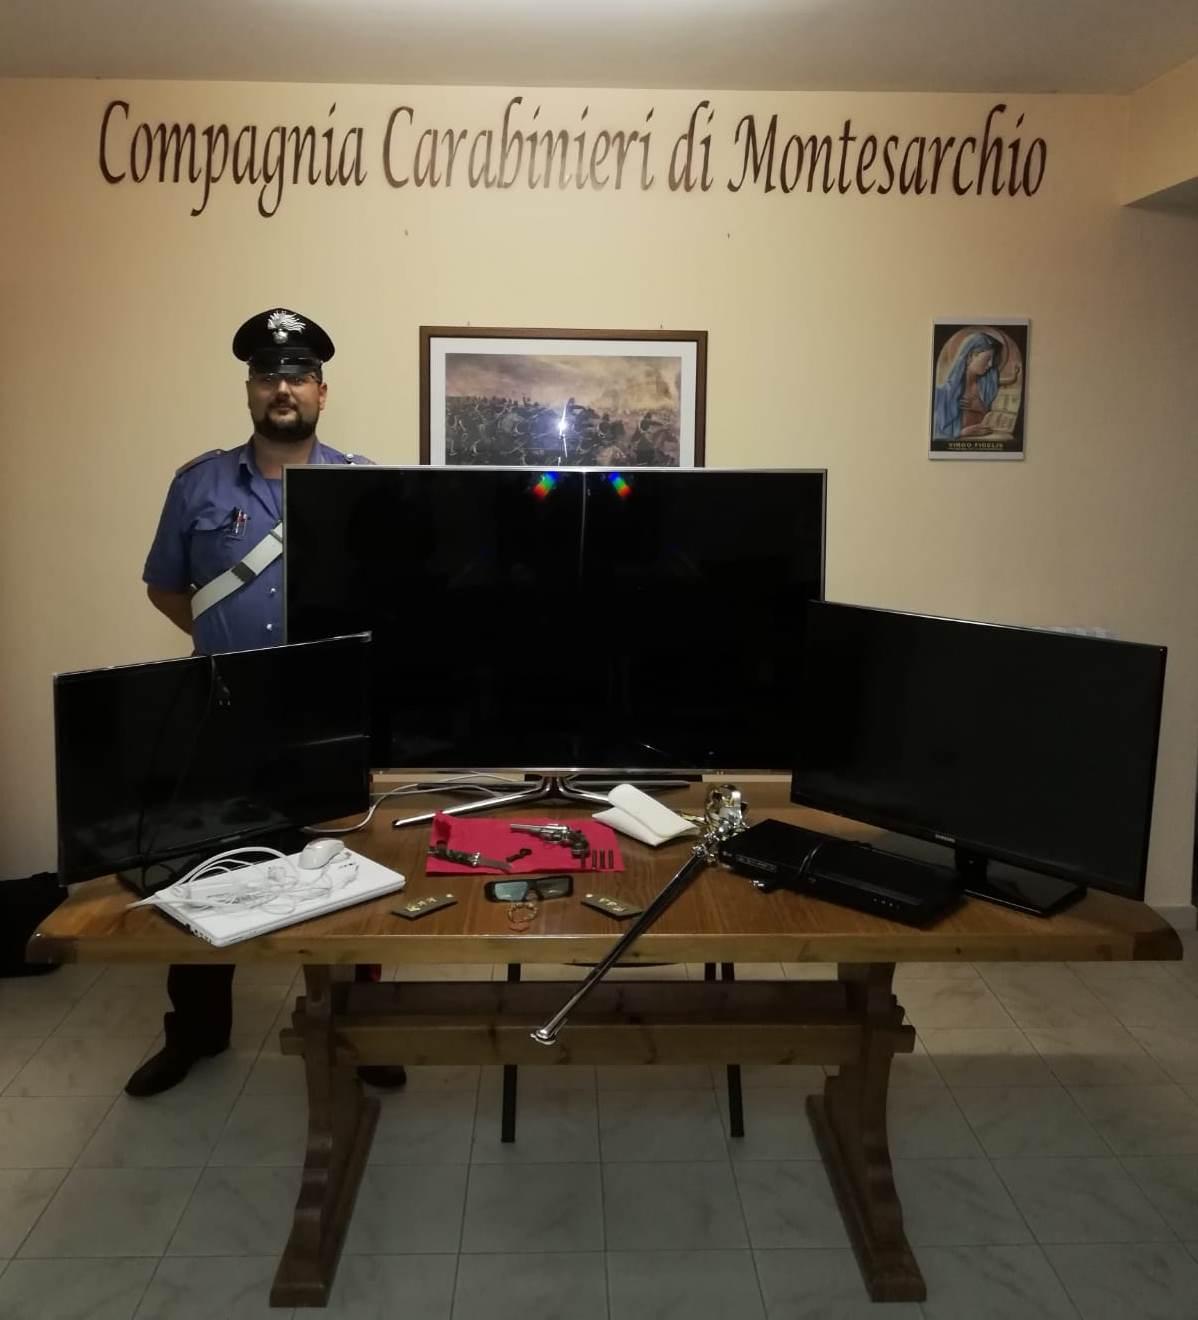 Furto in abitazione, i Carabinieri di Montesarchio arrestano 37enne per ricettazione e detenzione illegale di armi